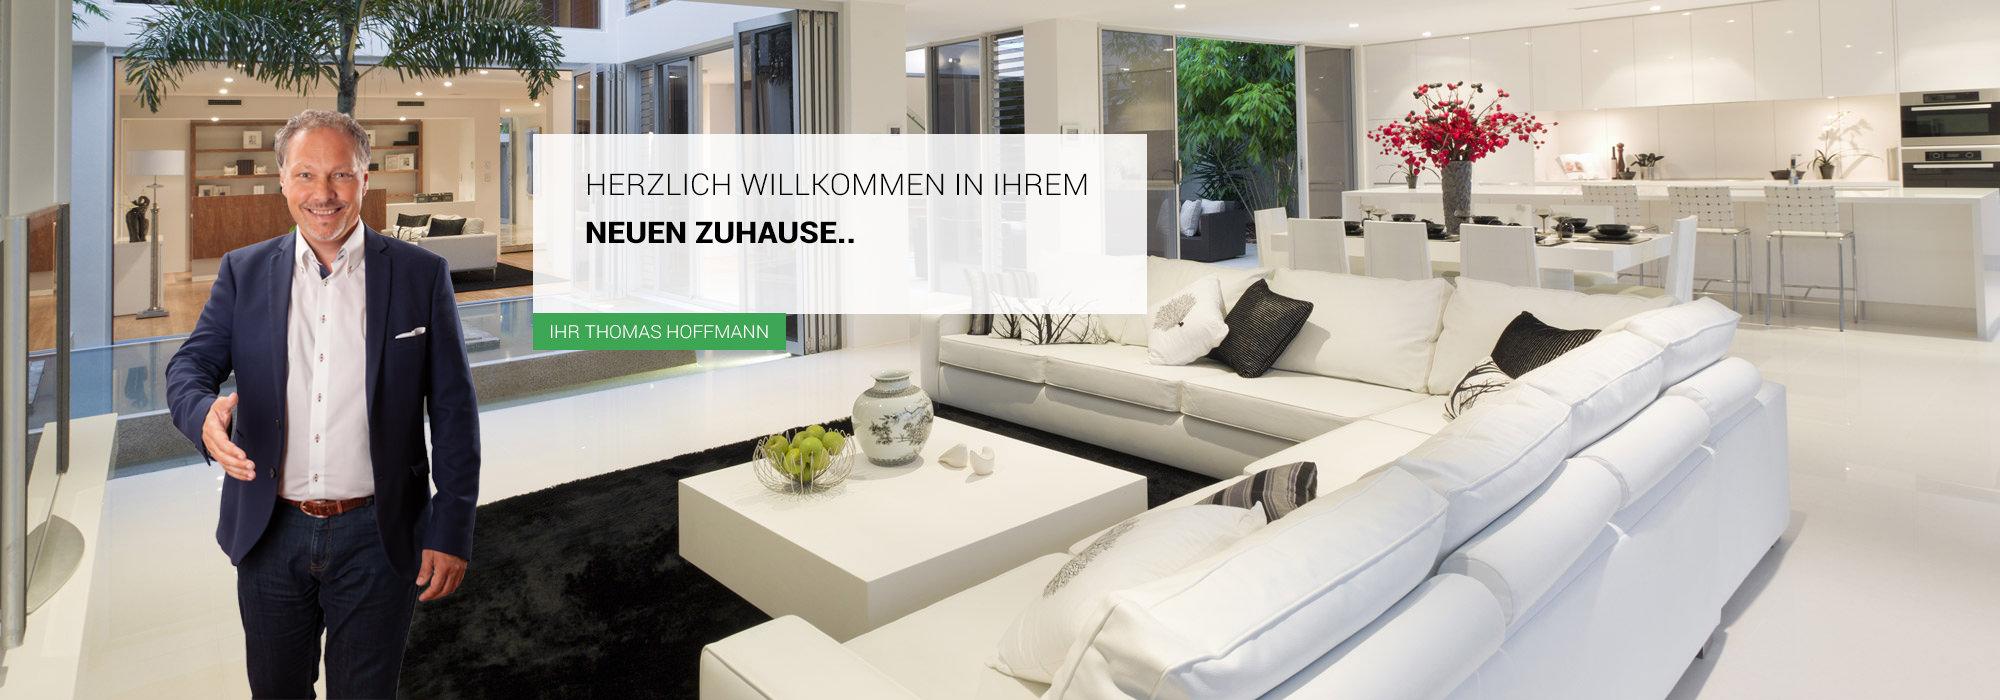 Immobilien Göttingen home hoffmann immobilienthomas hoffmann immobilien